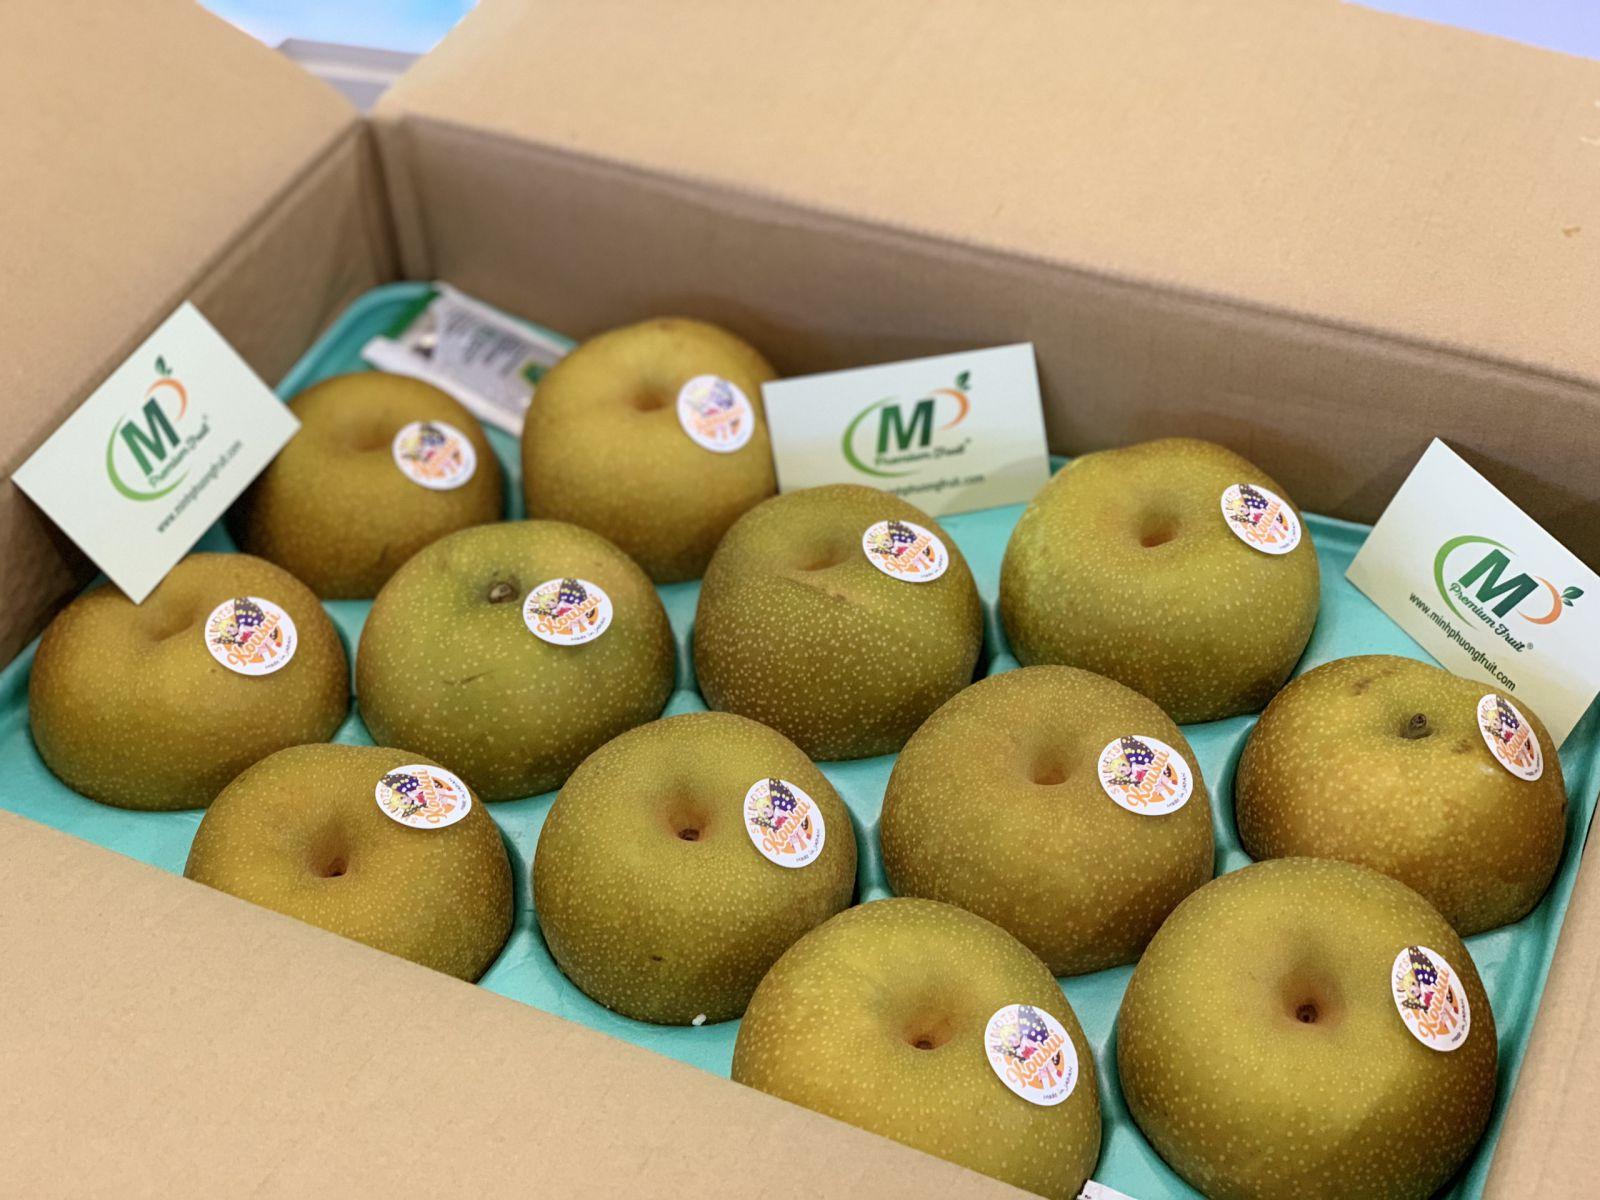 Lê Nâu Kousui Nhật Bản tại MP Fruits